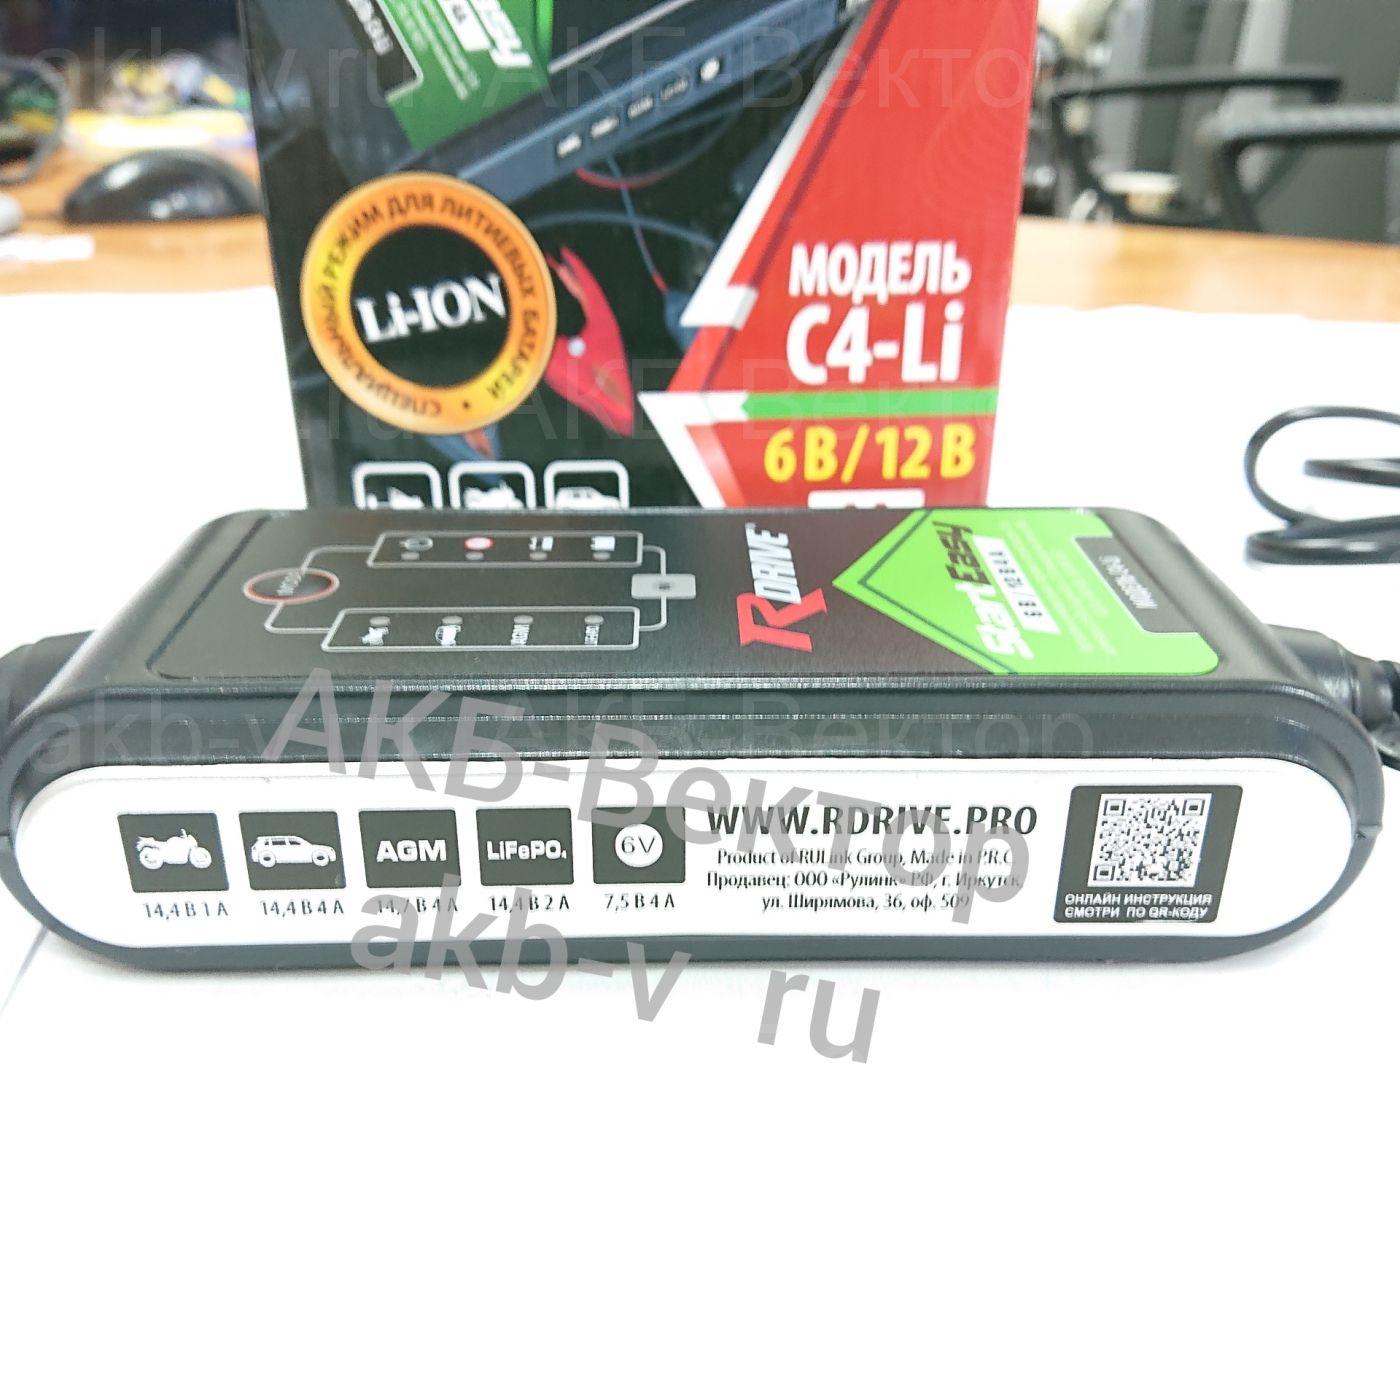 Rdrive C4-Li зарядное устройство (LiFePo4, AGM)  интеллектуальное.